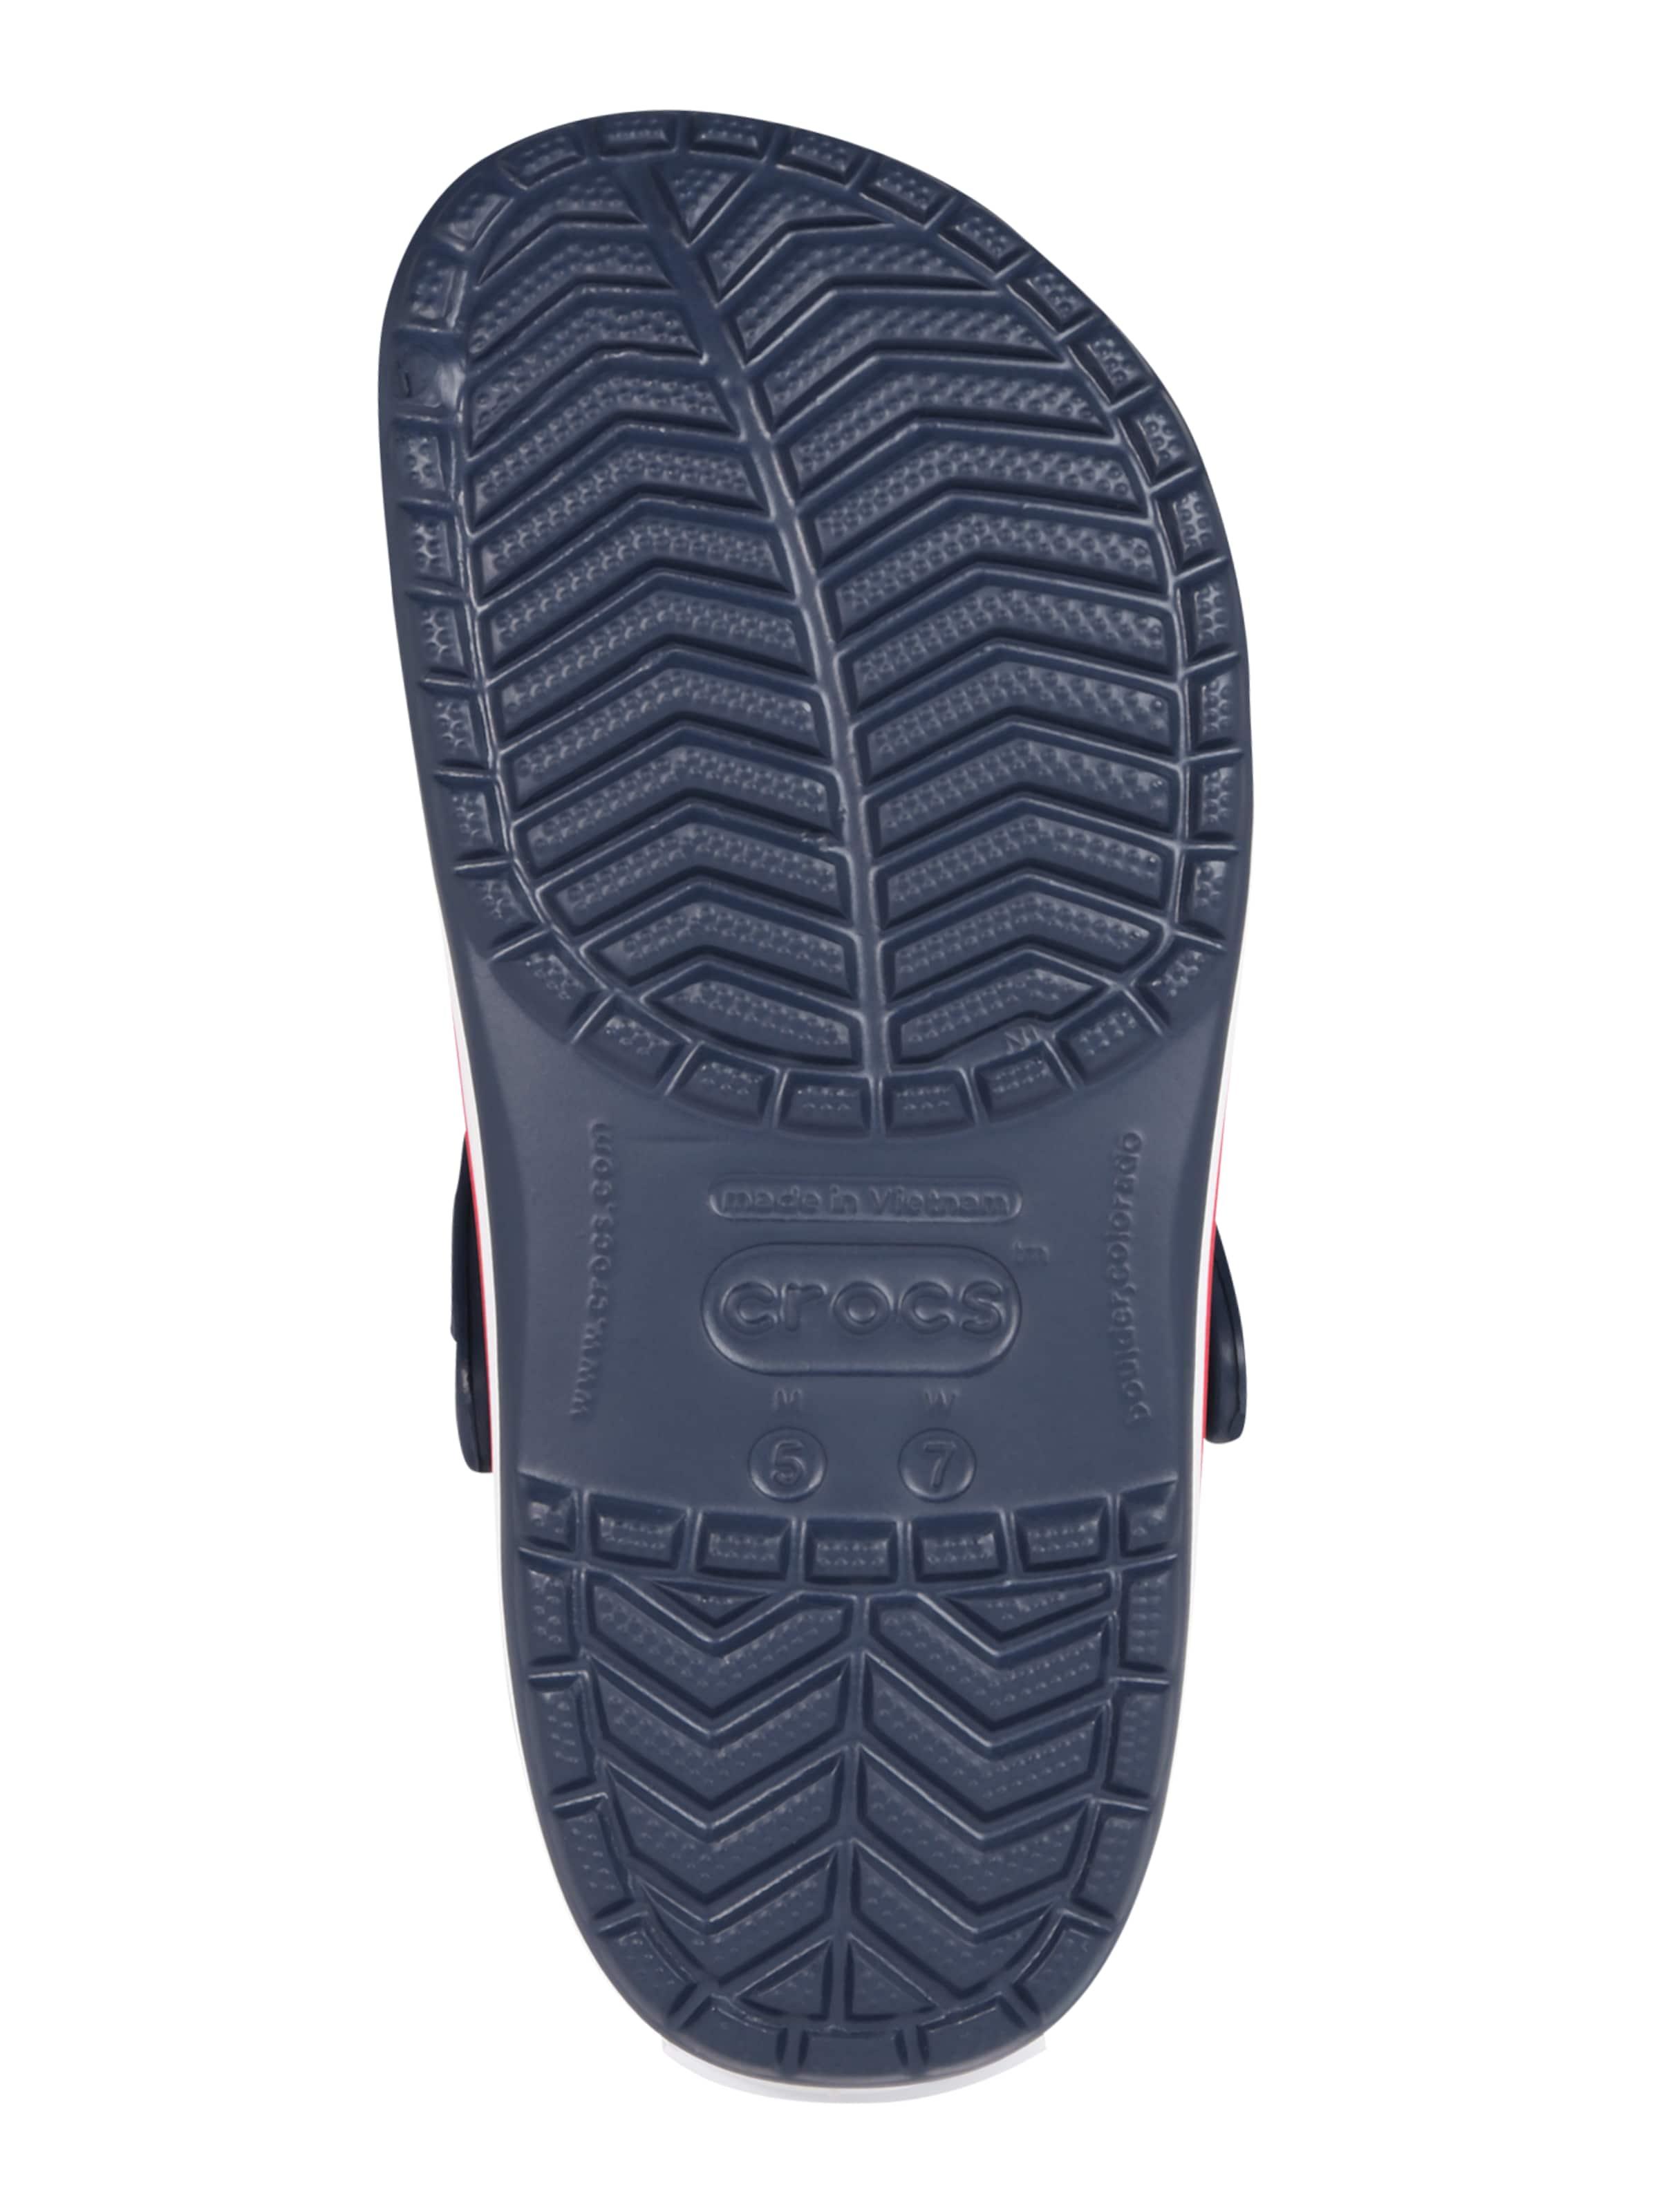 Navy 'crocband' Crocs Pantolette Pantolette Pantolette 'crocband' Crocs In Crocs In Navy 4Rj35AL